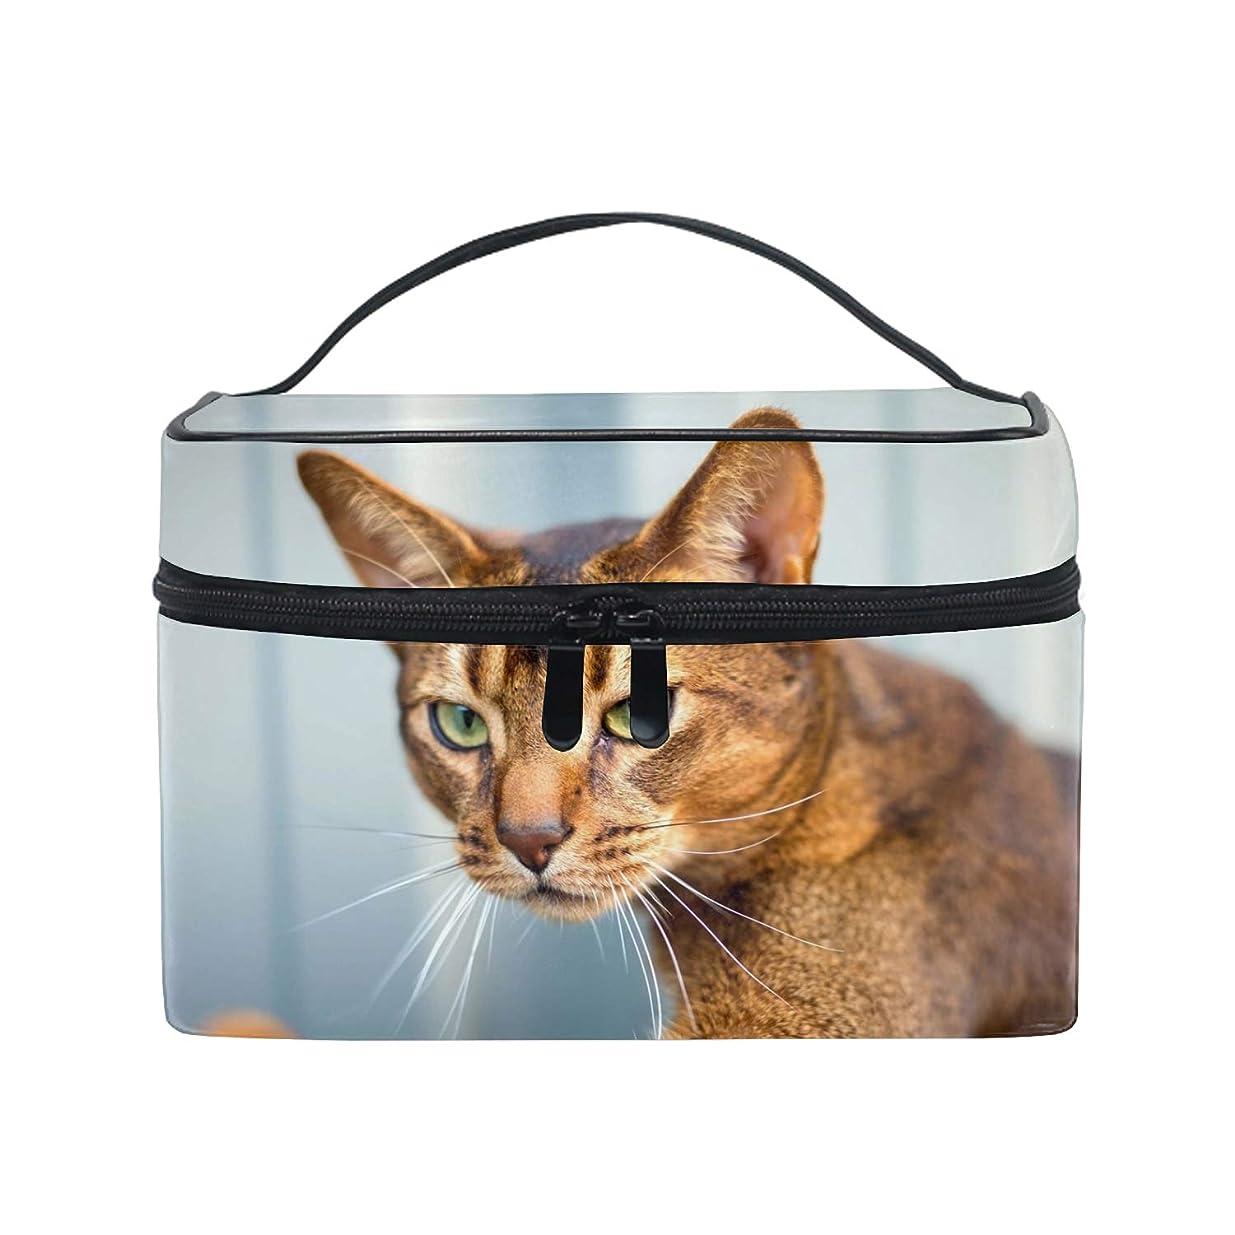 称賛ピカソラッカス収納ポーチ 通勤 出張 旅行 大容量 アビシニアン猫のぼかし軽量 携帯 便利